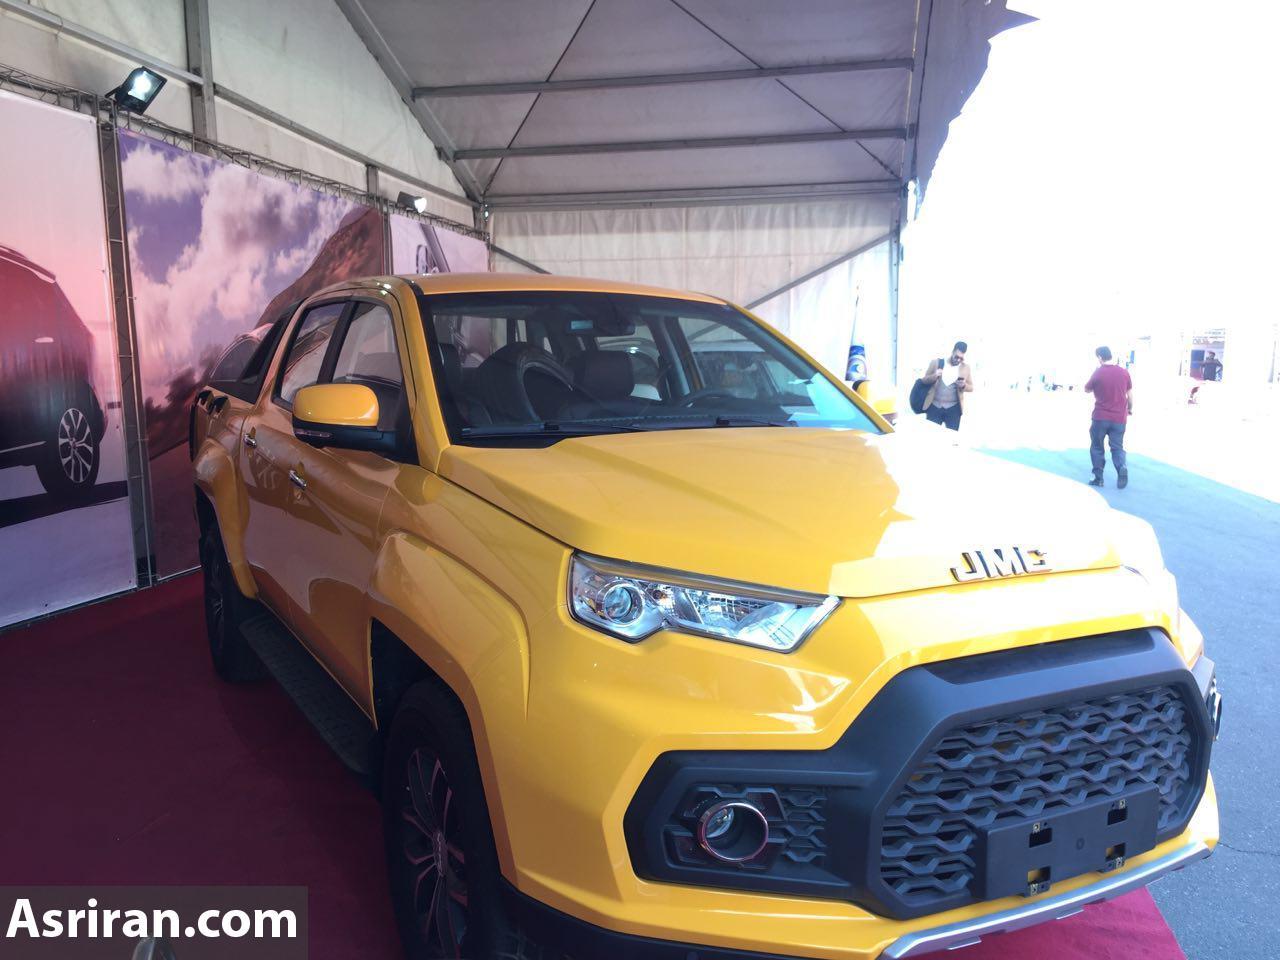 یک خودروی جدید در نمایشگاه فرصت های ساخت داخل و رونق تولیدبه نمایش درآمد (+عکس)